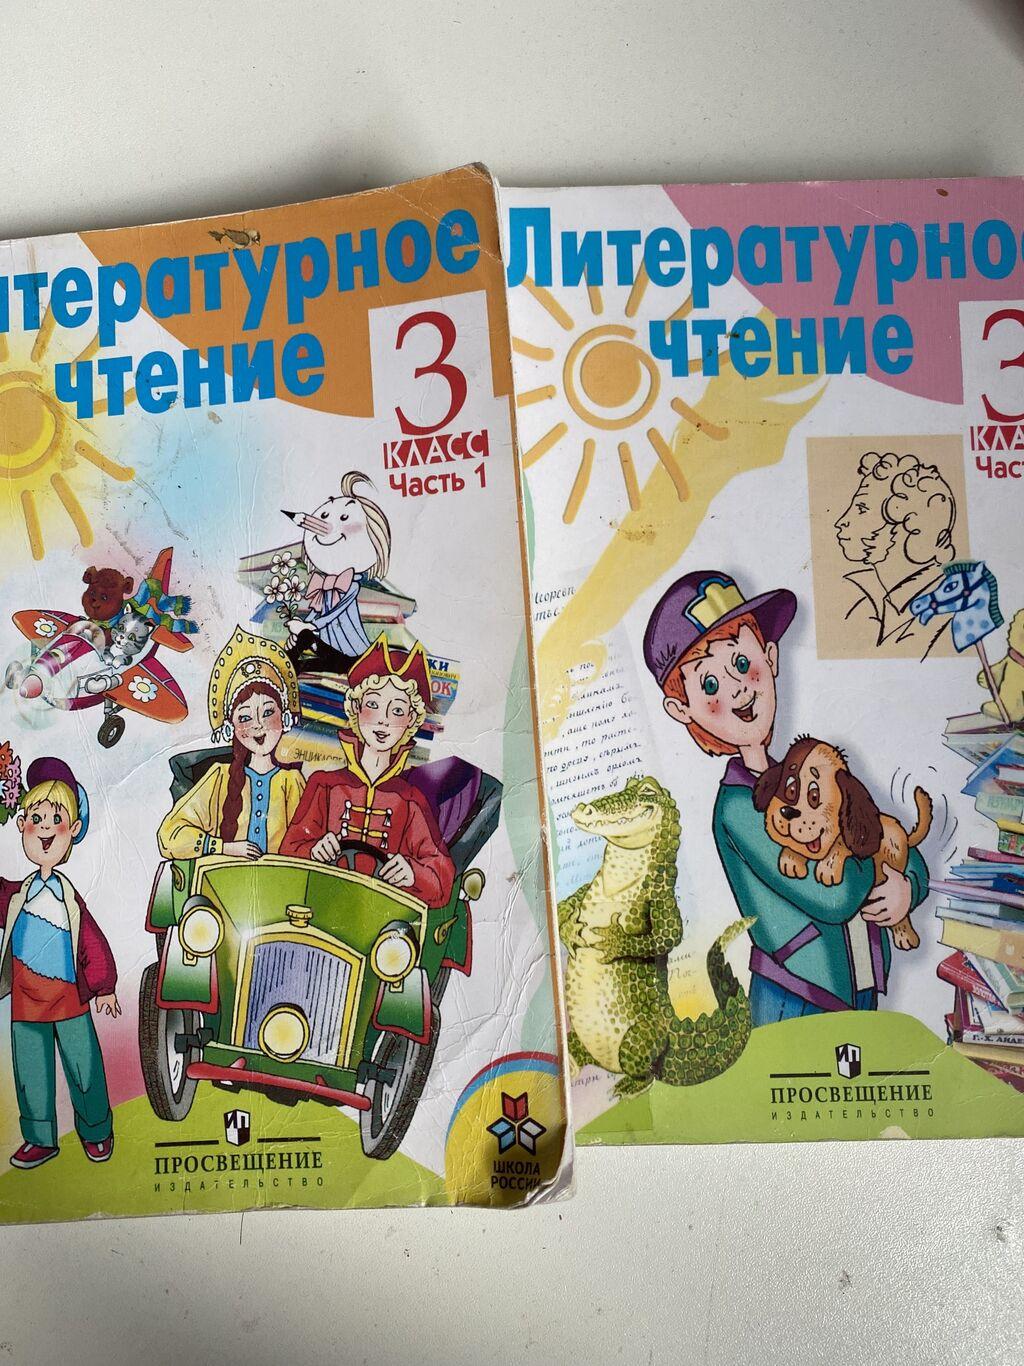 Литературное чтение 3 класс Климанова: Литературное чтение 3 класс Климанова